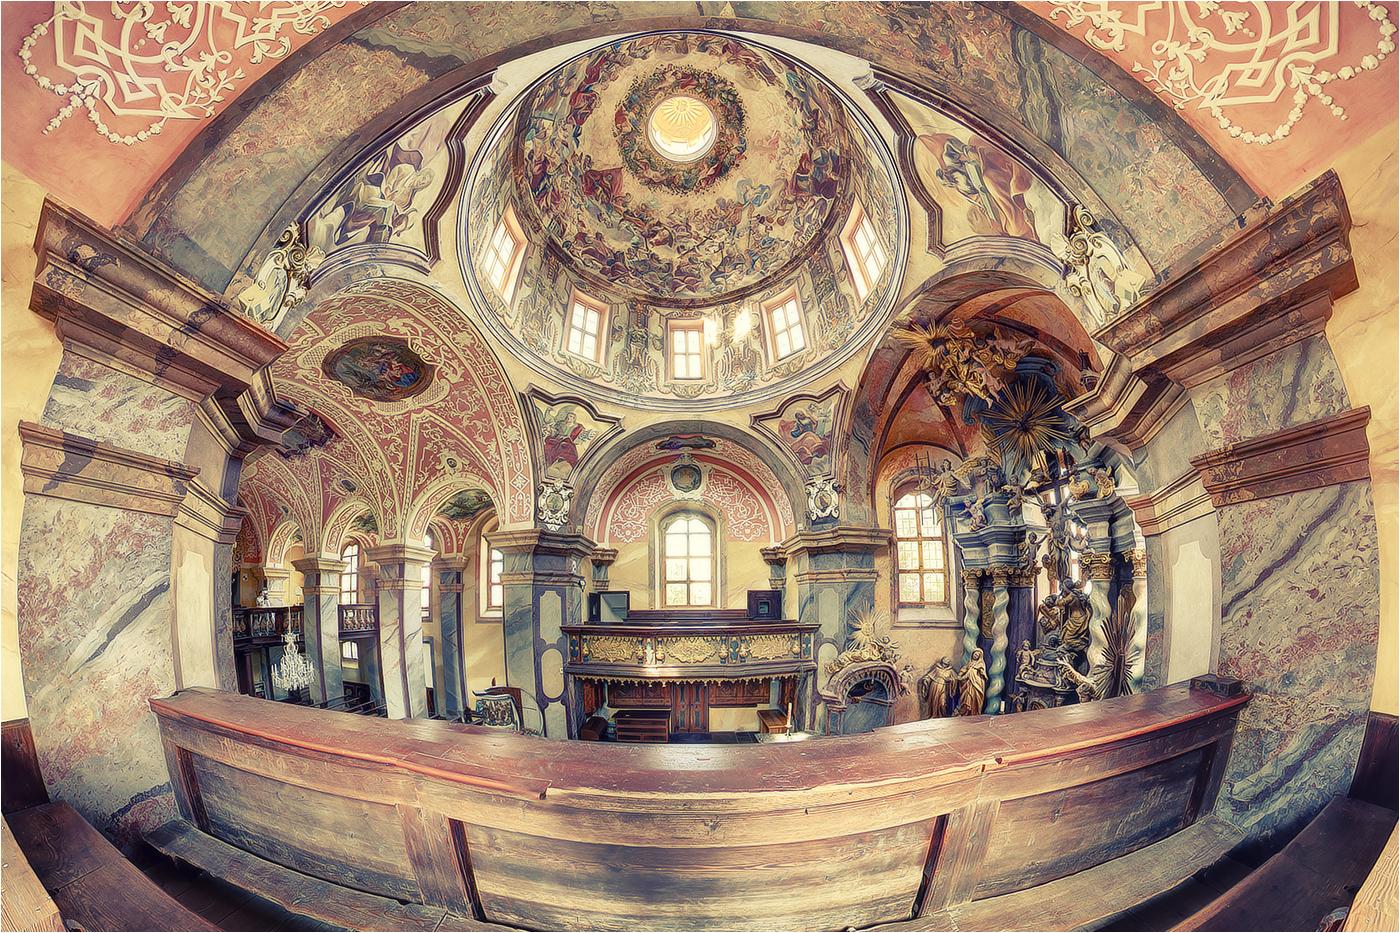 Pfarrkirche zum Heiligen Kreuz, Kloster Neuzelle, evangelische Kirche